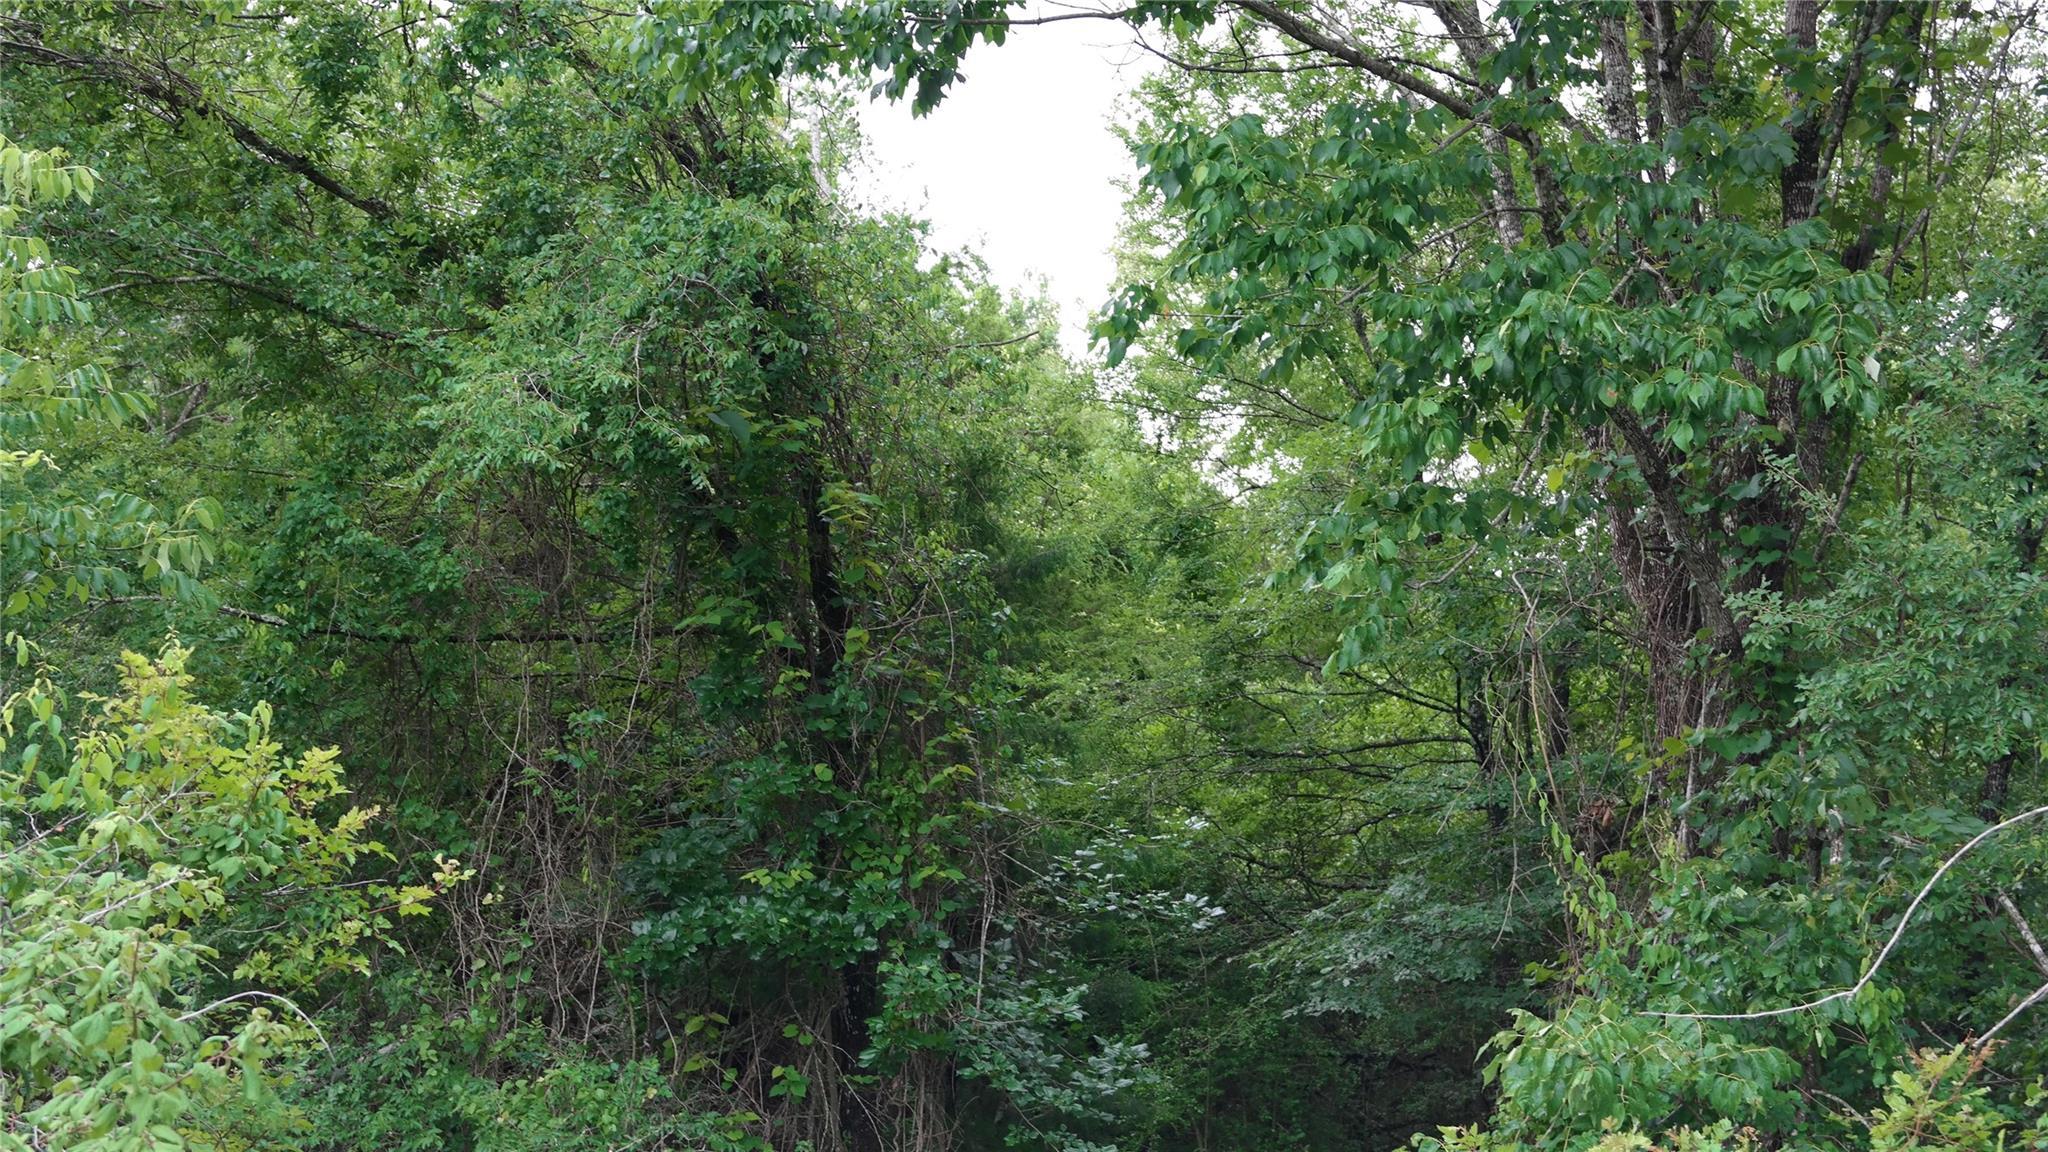 Tbd-0 N N I 45 Feeder Road N Property Photo